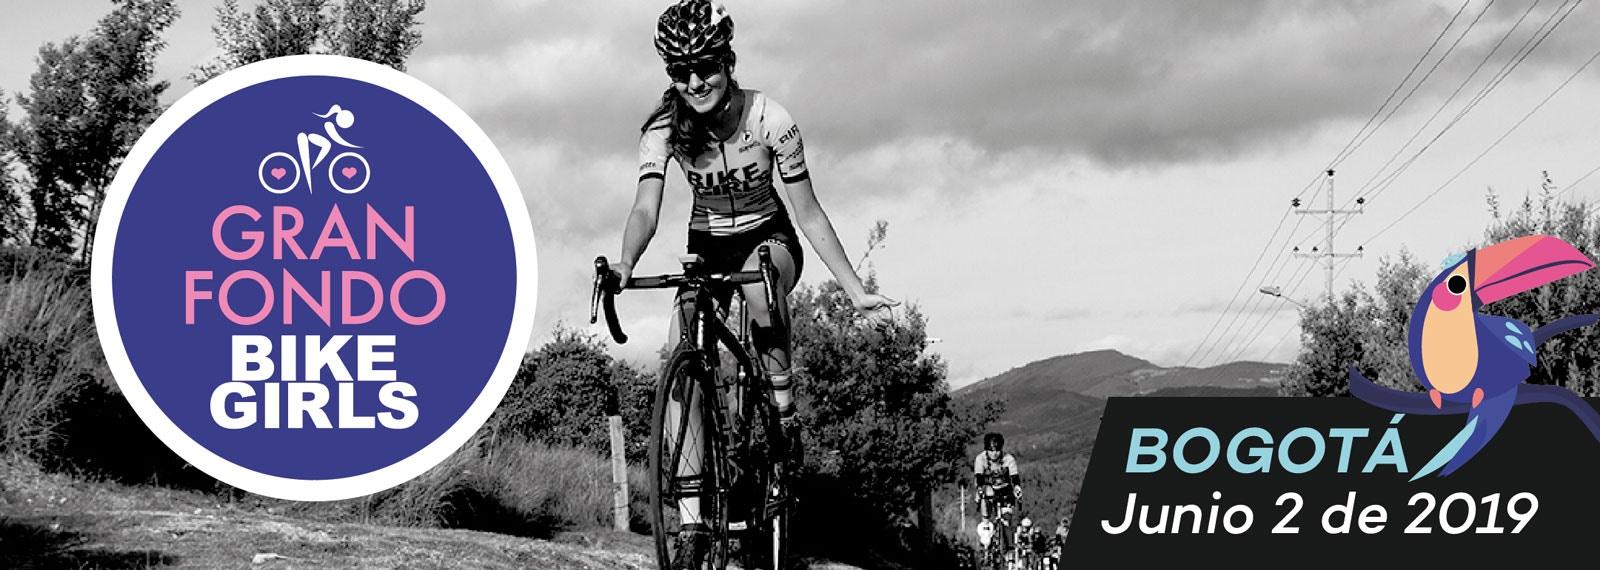 Gran fondo Bike Girls